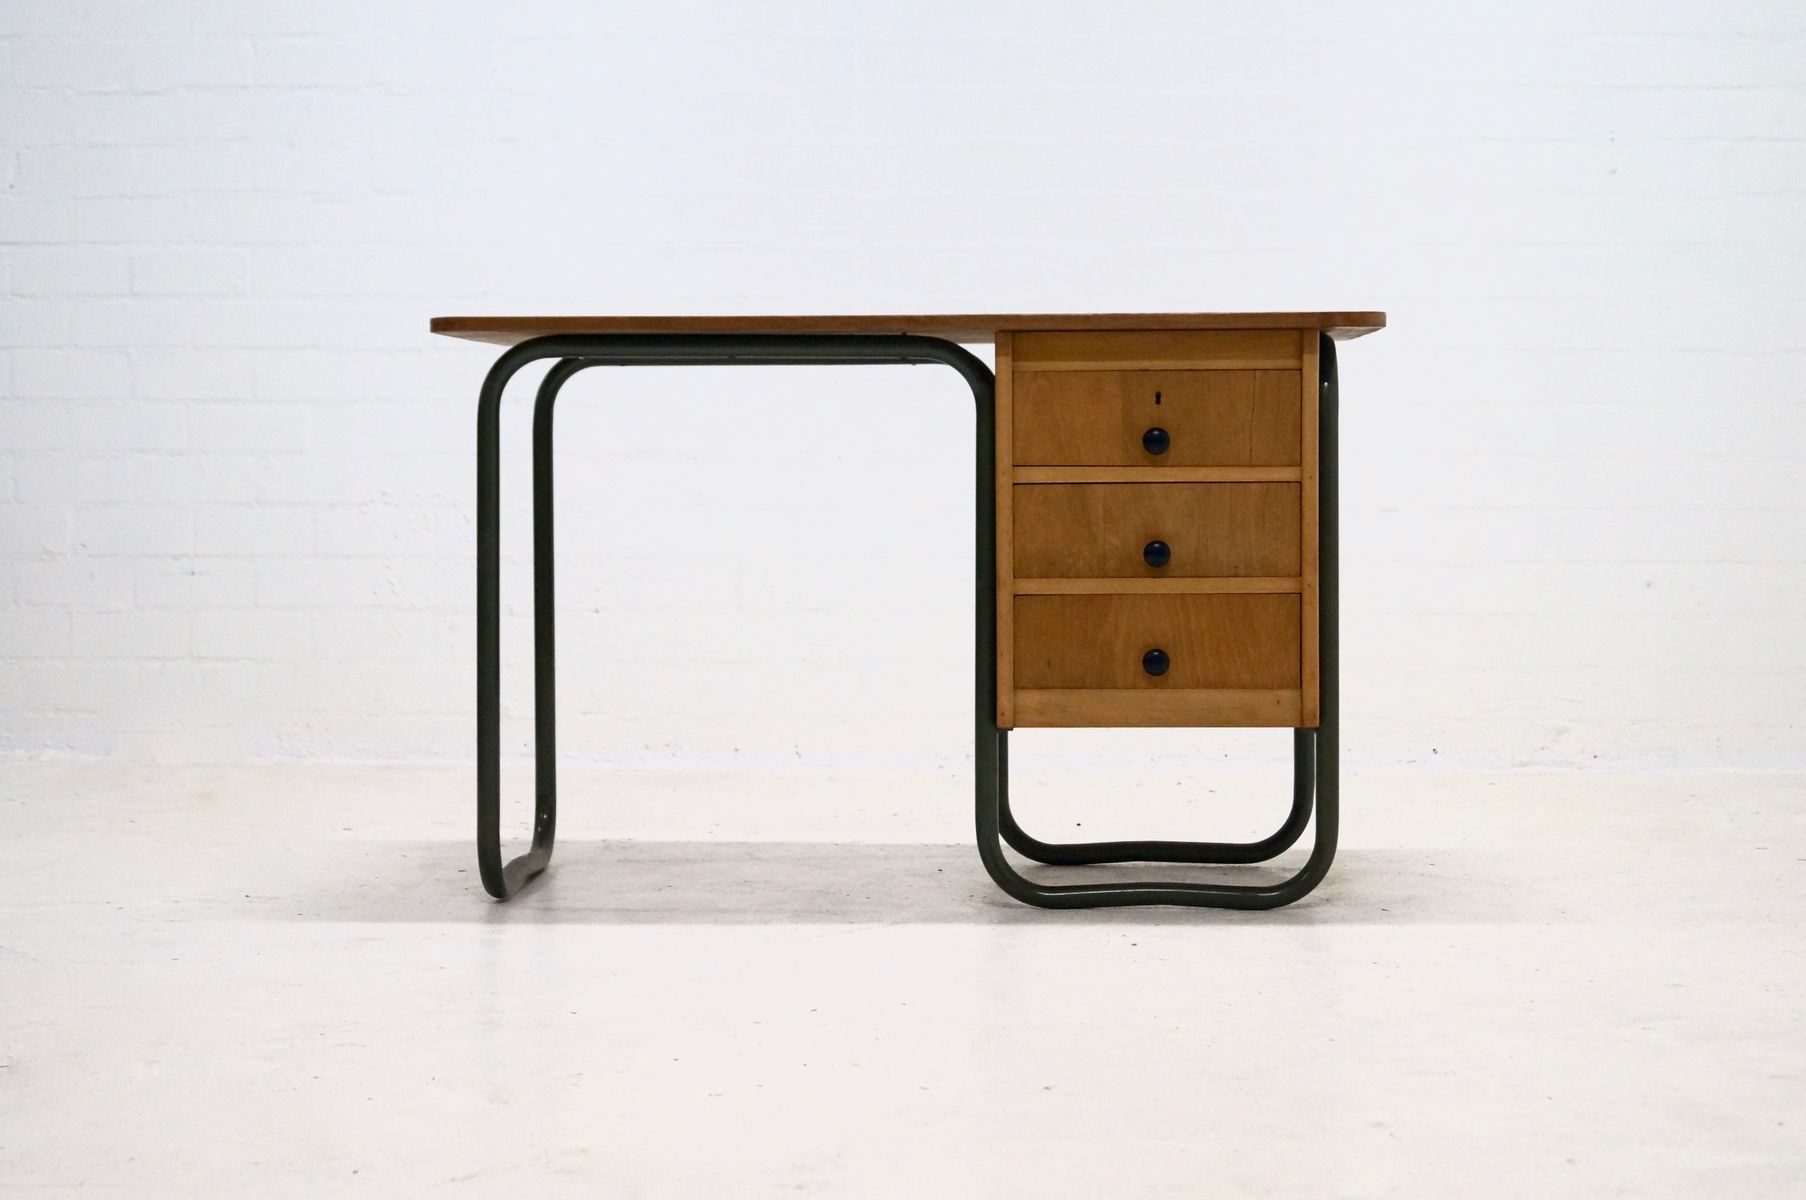 mid century mteallrohr schreibtisch im bauhaus stil 1950er bei pamono kaufen. Black Bedroom Furniture Sets. Home Design Ideas